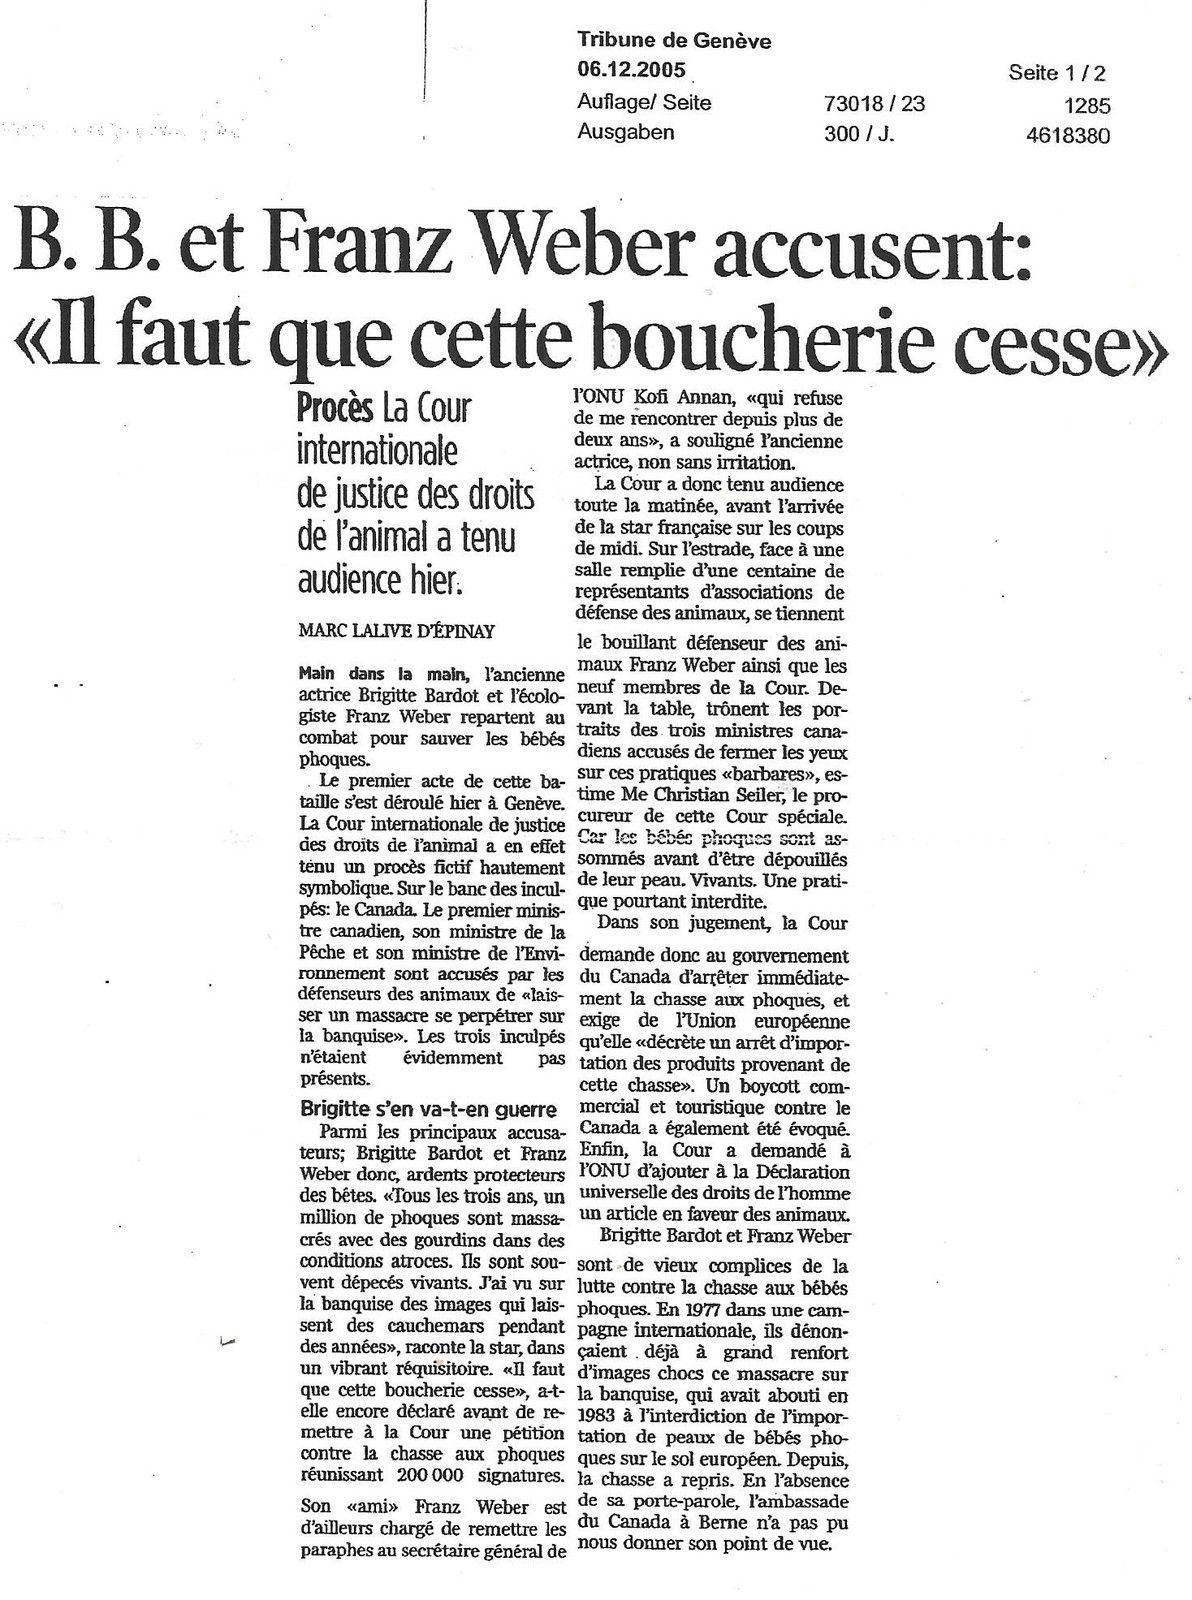 Brigitte Bardot et Franz Weber conférence de presse à Genève le 05 12 2005...Vidéo inédite !